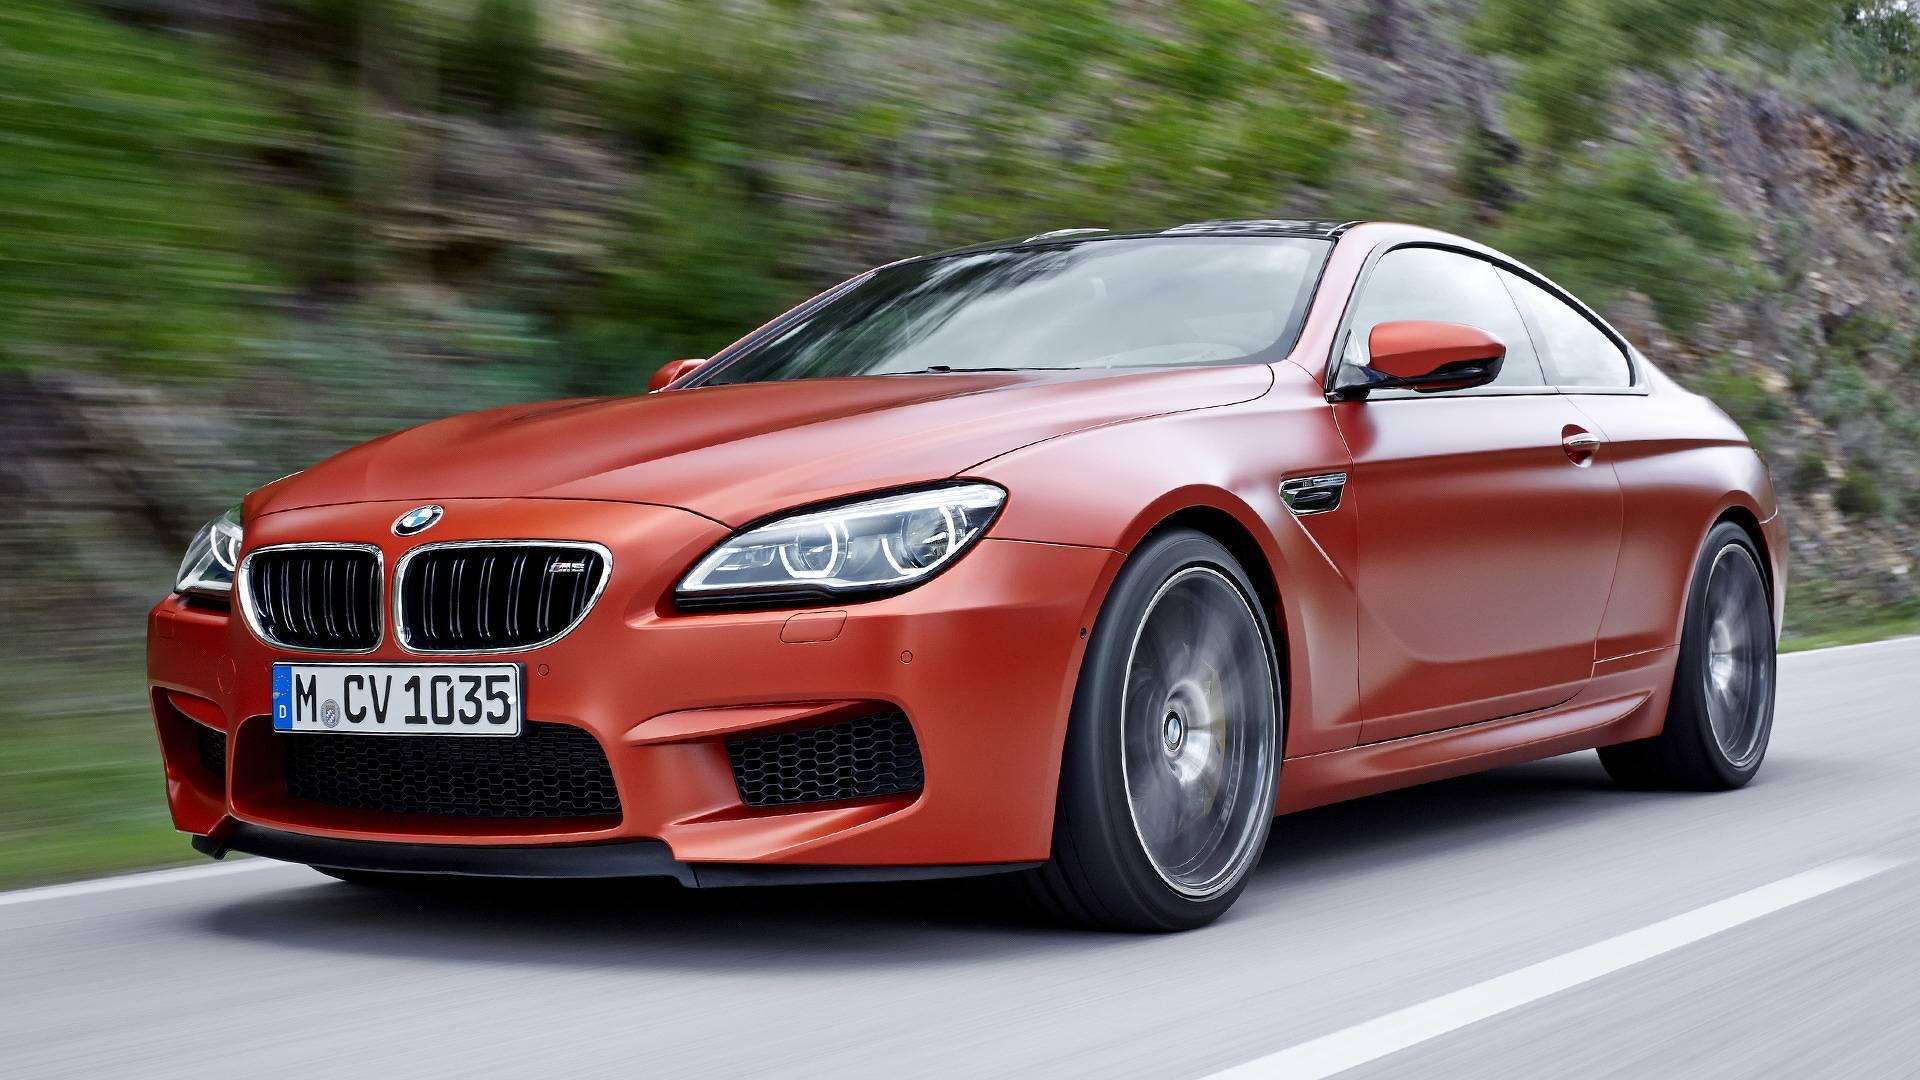 BMW M6 News and Reviews | Motor1.com